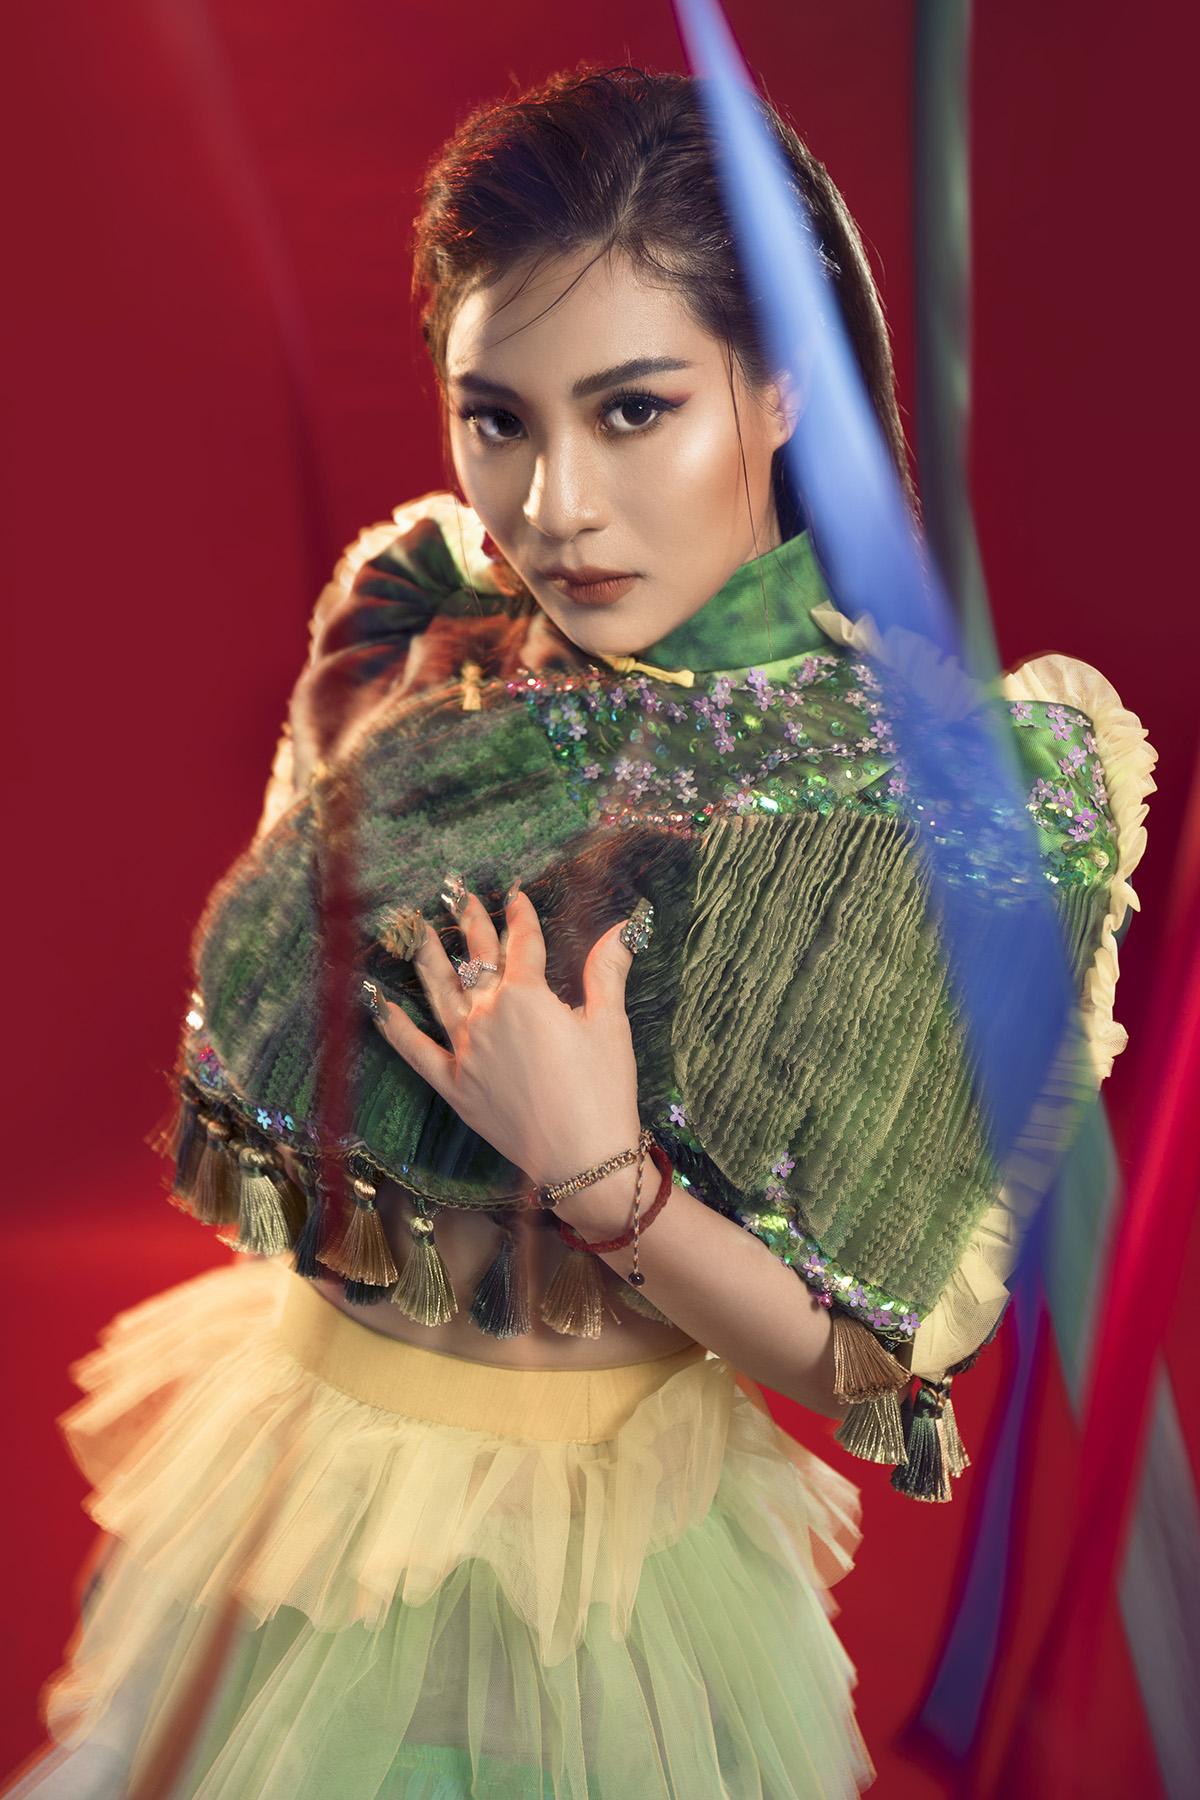 Sử dụng gam màu sặc sỡ, tươi sáng kết hợp với phụ kiện vòng bạc đặc trưng của các dân tộc miền núi phía Bắc, nữ ca sĩ lạ lẫm so với hình ảnh nữ tính vốn có.